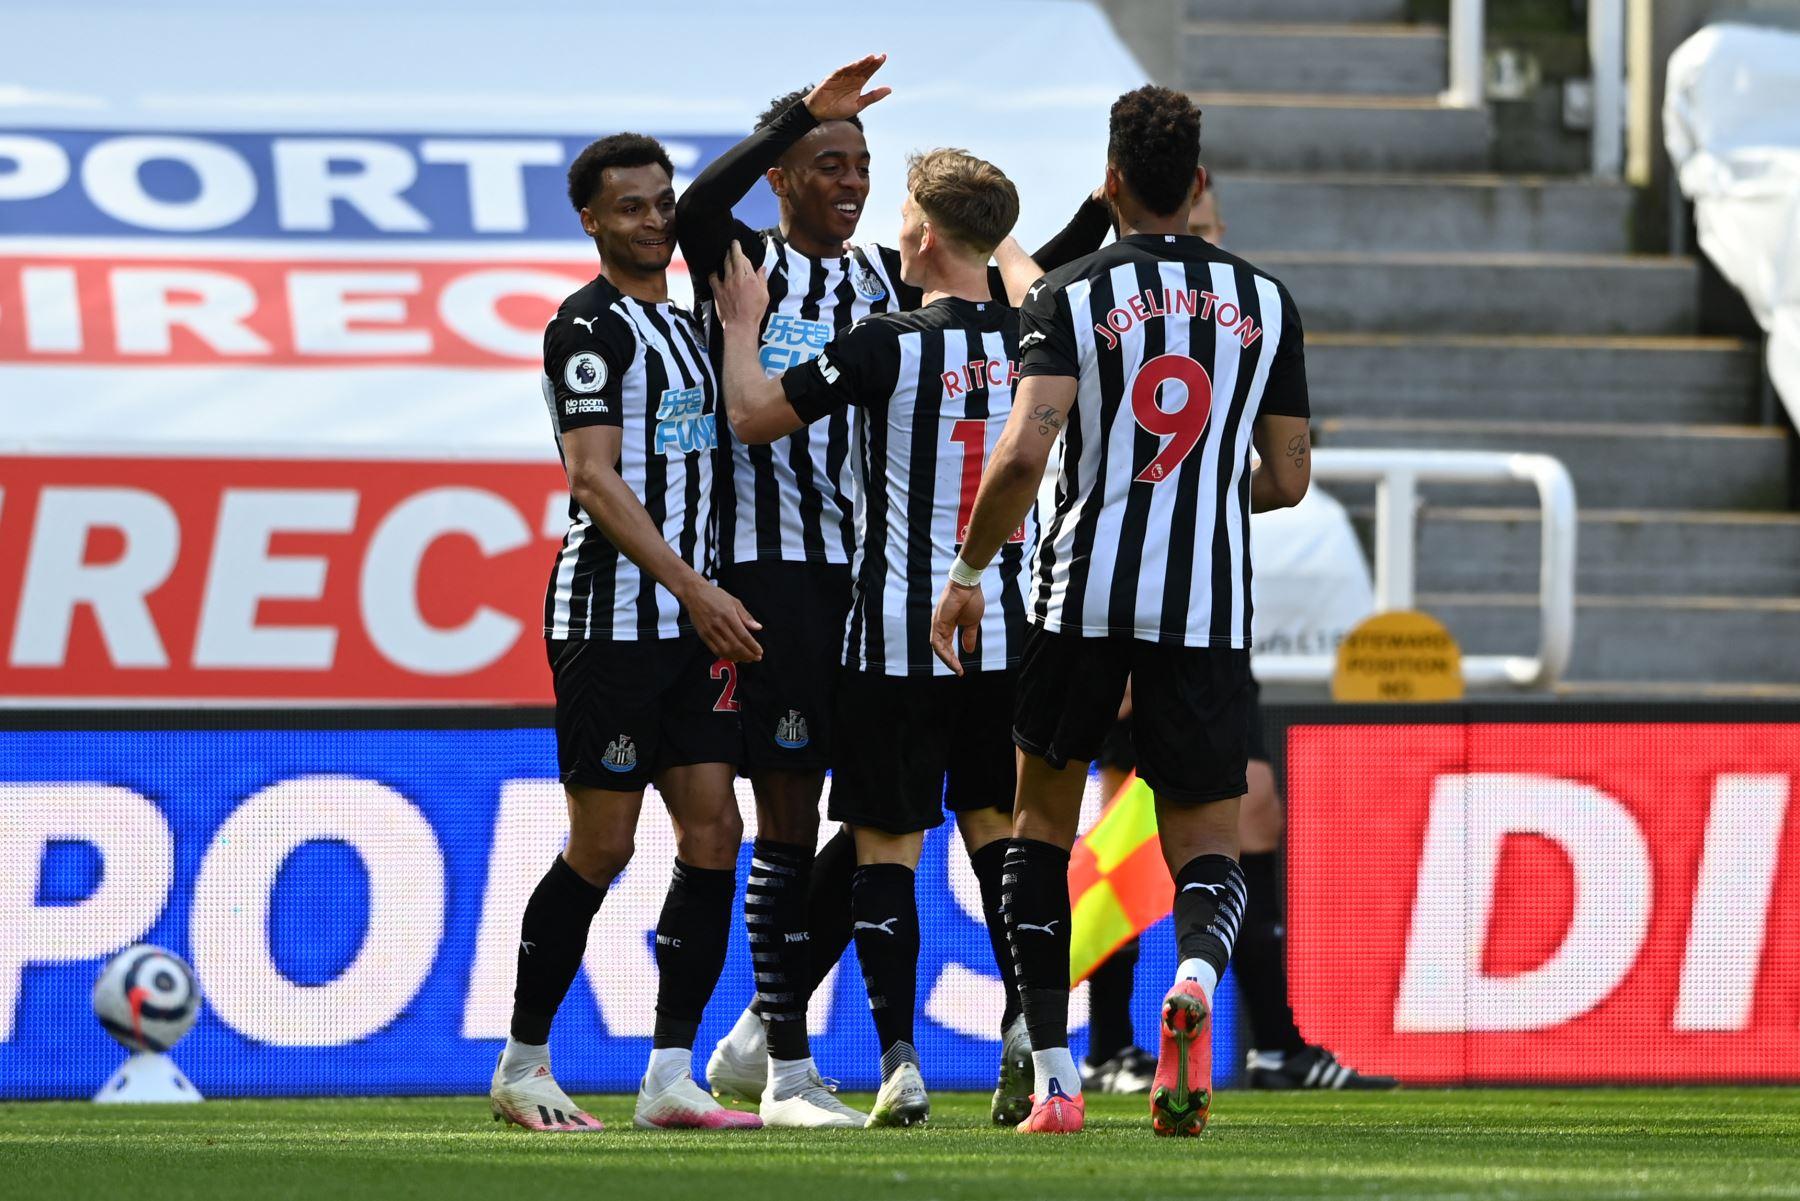 El centrocampista inglés del Newcastle United Joe Willock celebra con sus compañeros de equipo después de marcar un gol durante el partido de fútbol de la Premier League inglesa entre Newcastle United y West Ham United. Foto: AFP